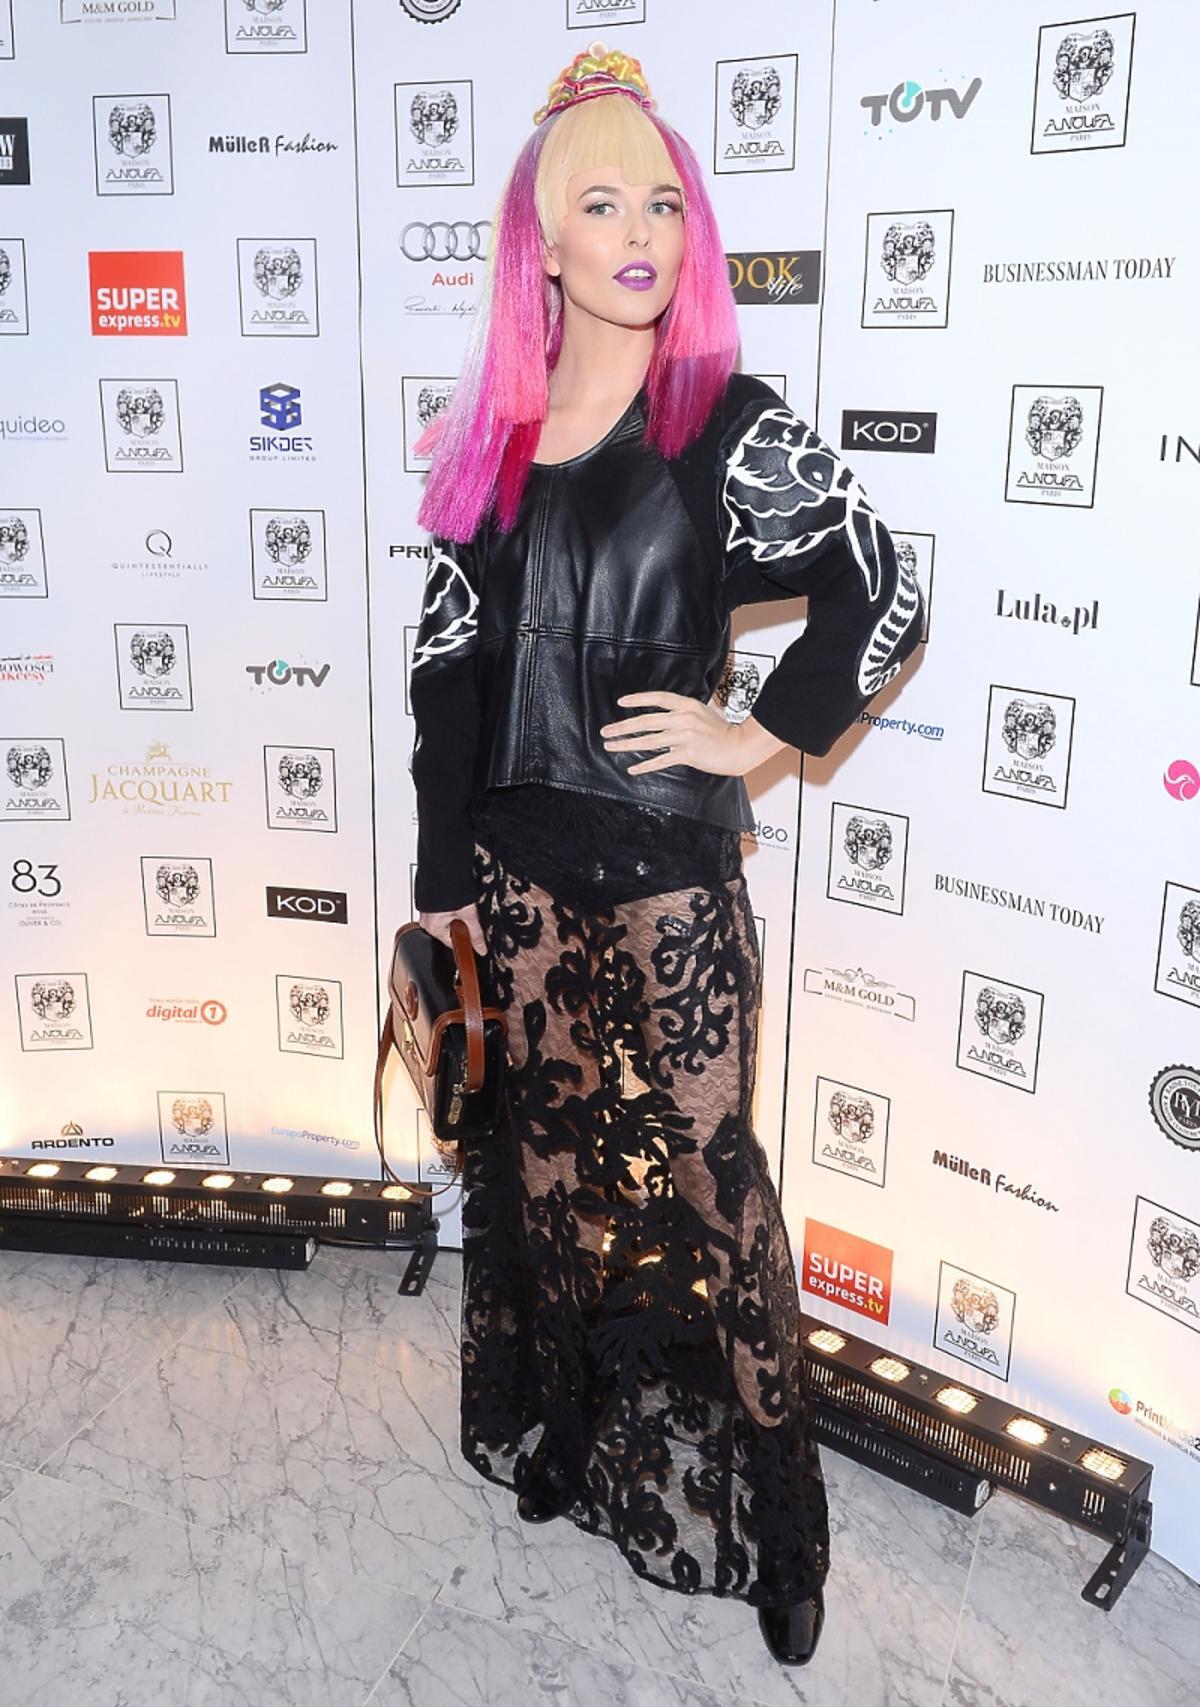 Ramona Rey w różowych włosach i czarnej przezroczystej stylizacji z koronki